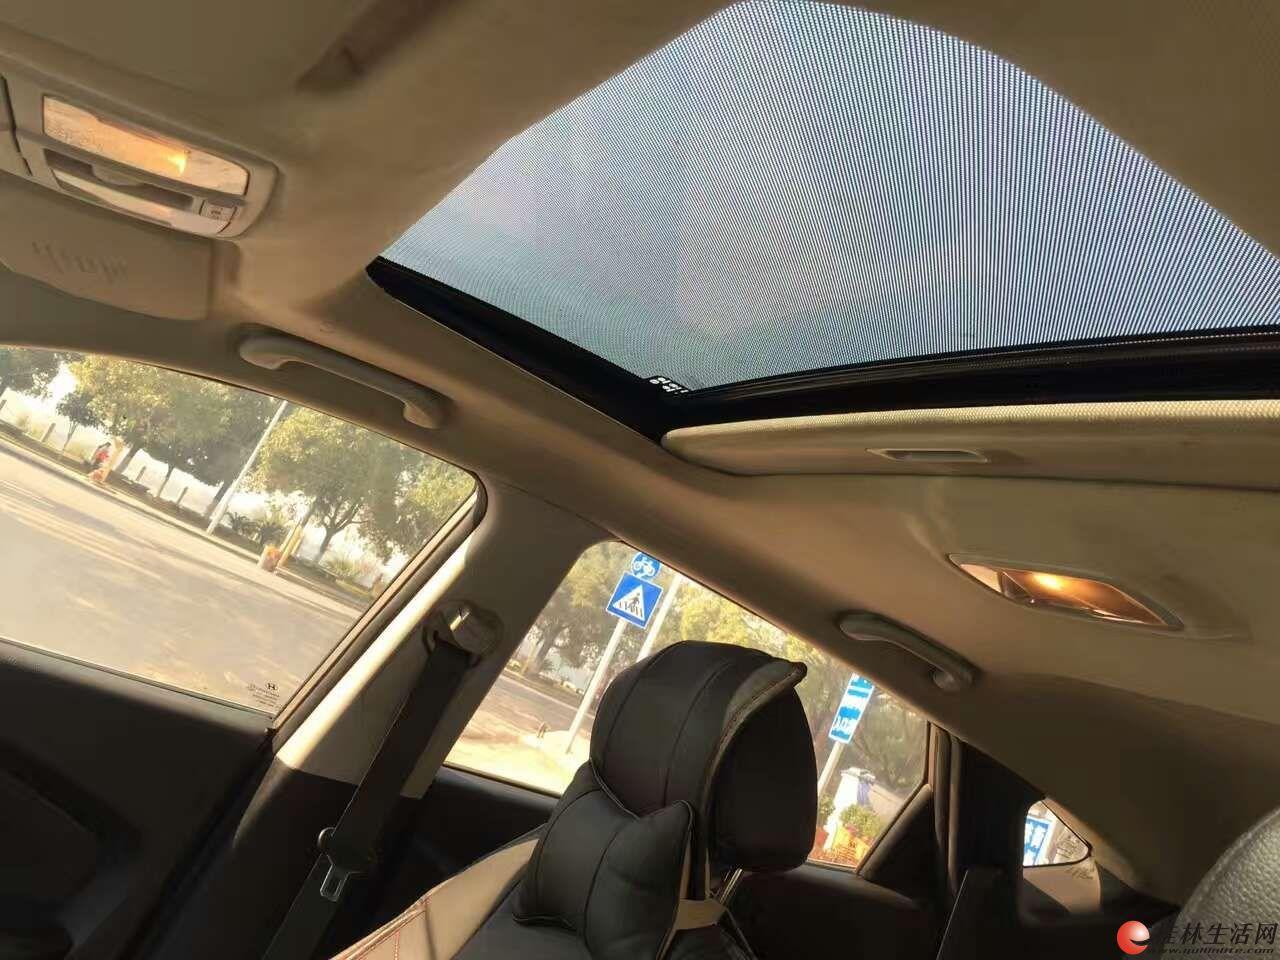 低价转让 北京现代lx35越野车 自动挡带天窗高清图片